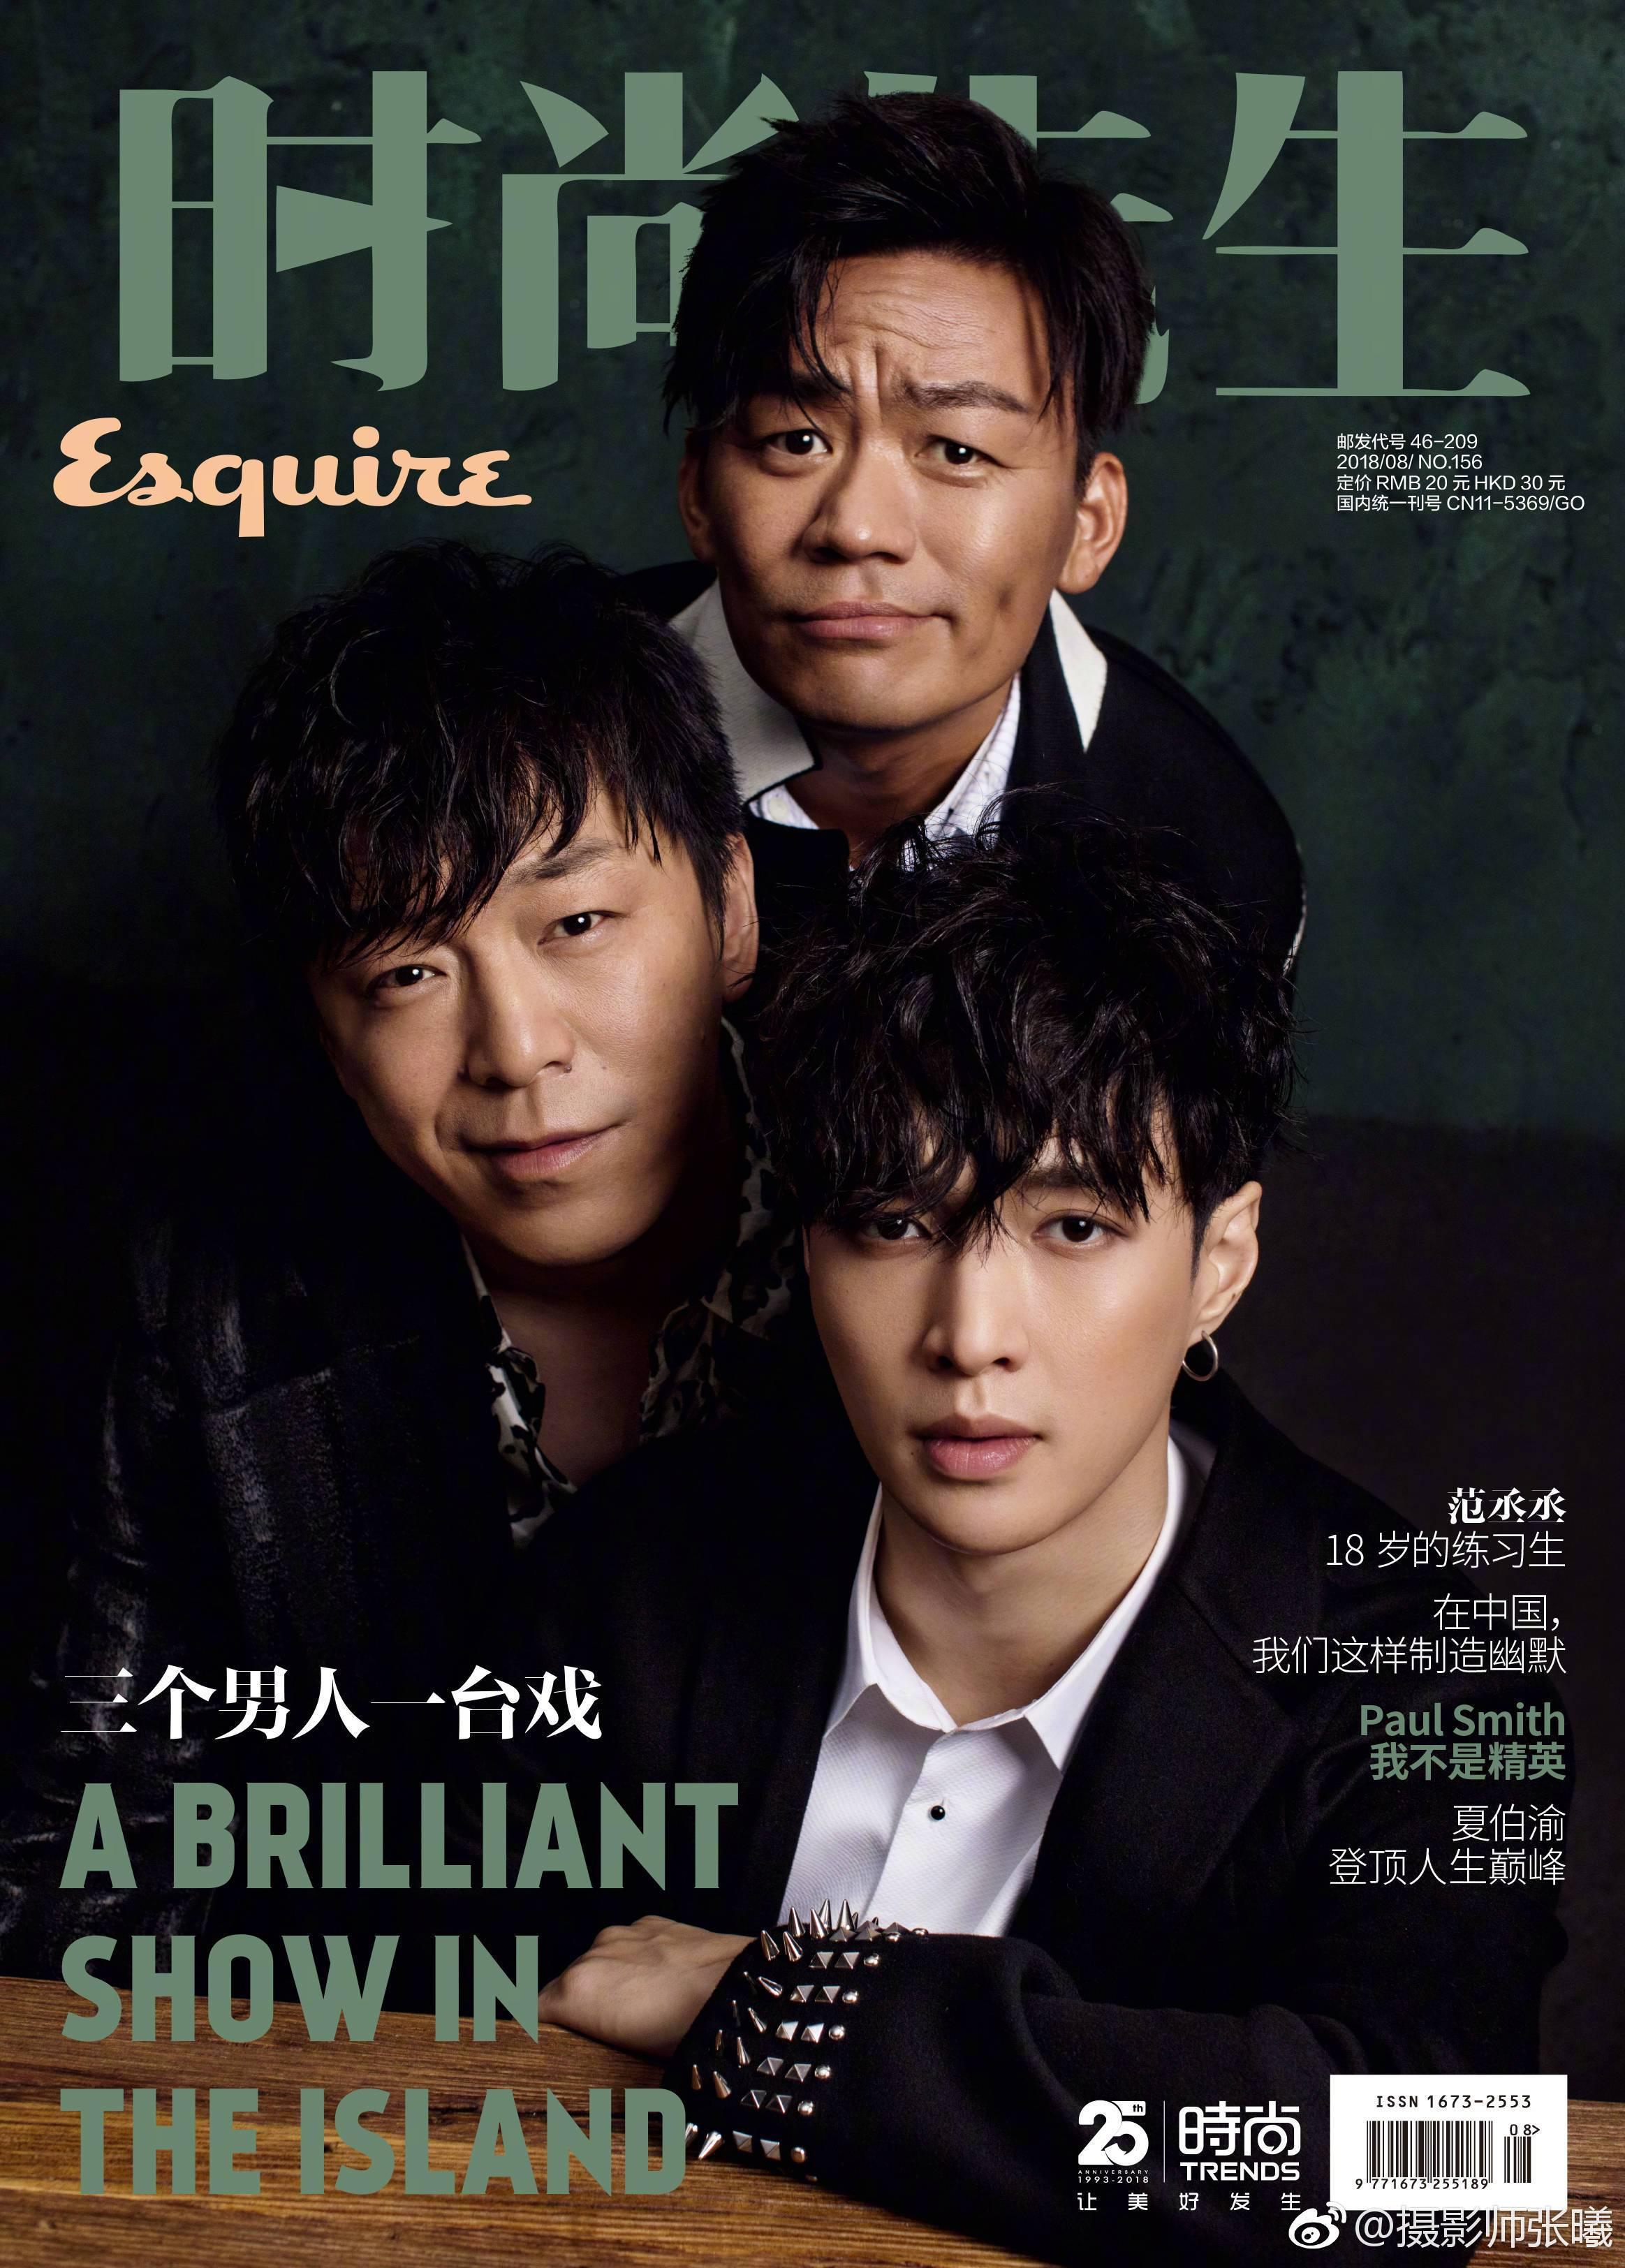 八月摄影师榜丨除了让巩俐霸气到新高度的冯海,还有谁是今年金九赢家?